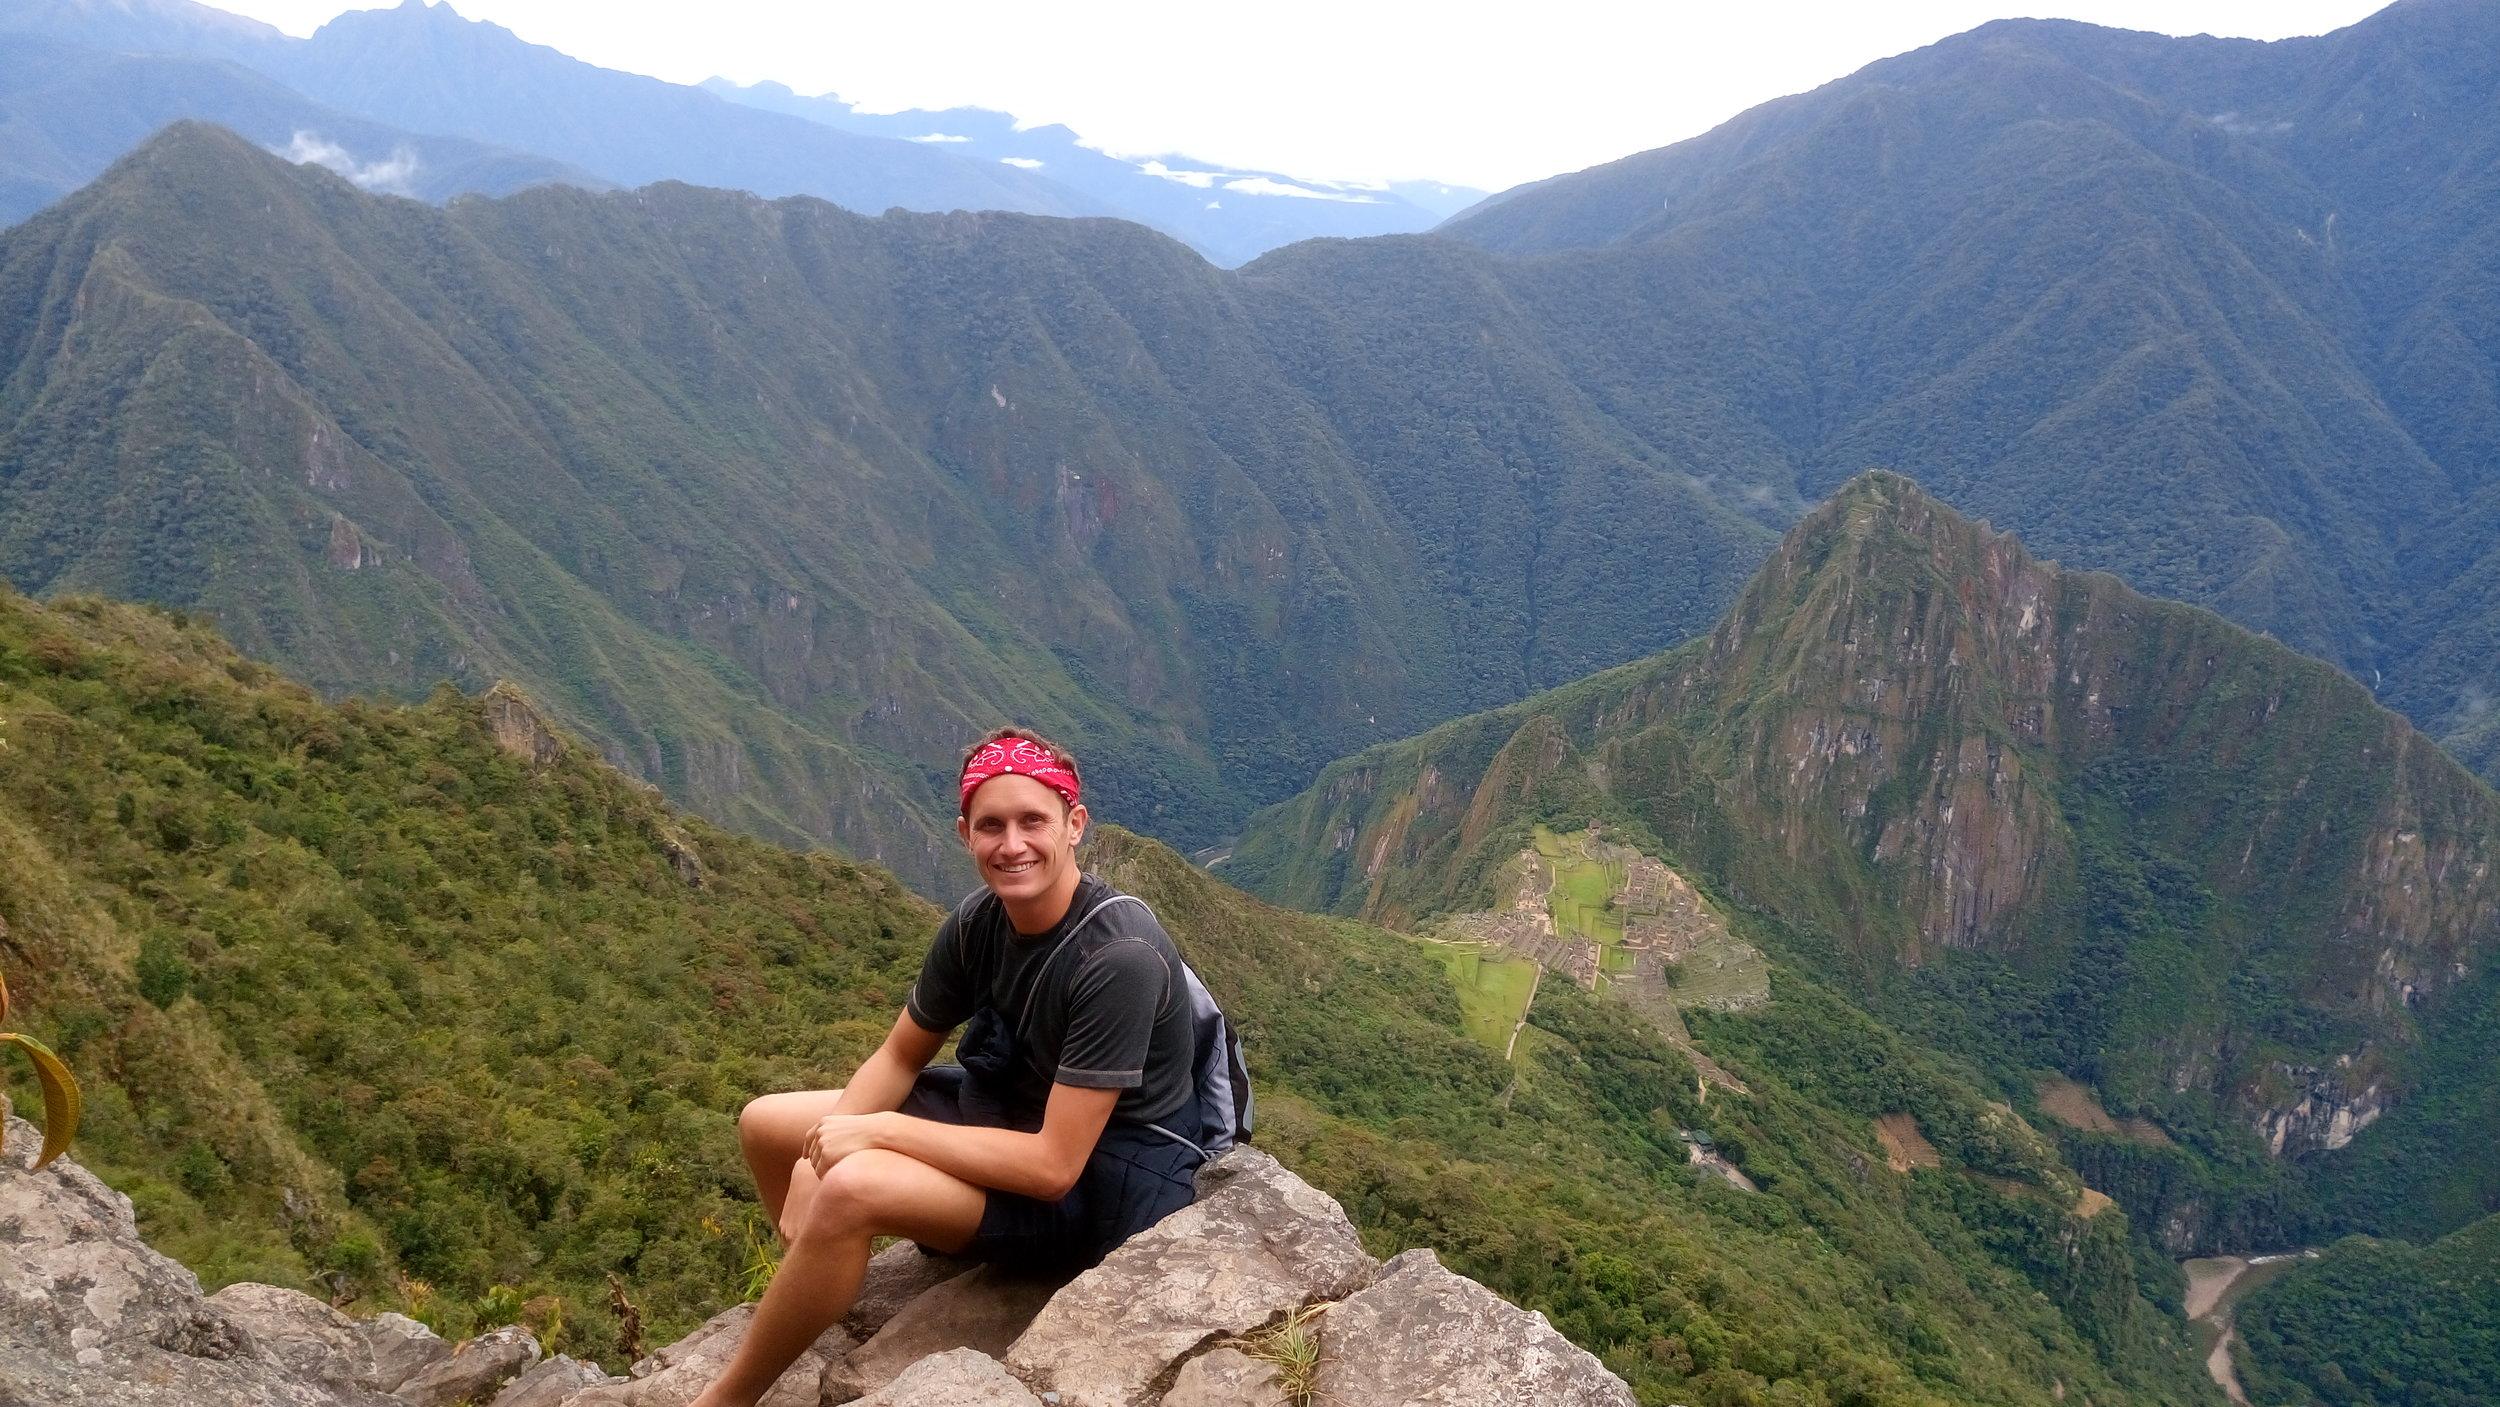 View from La Montana at Macchu Picchu